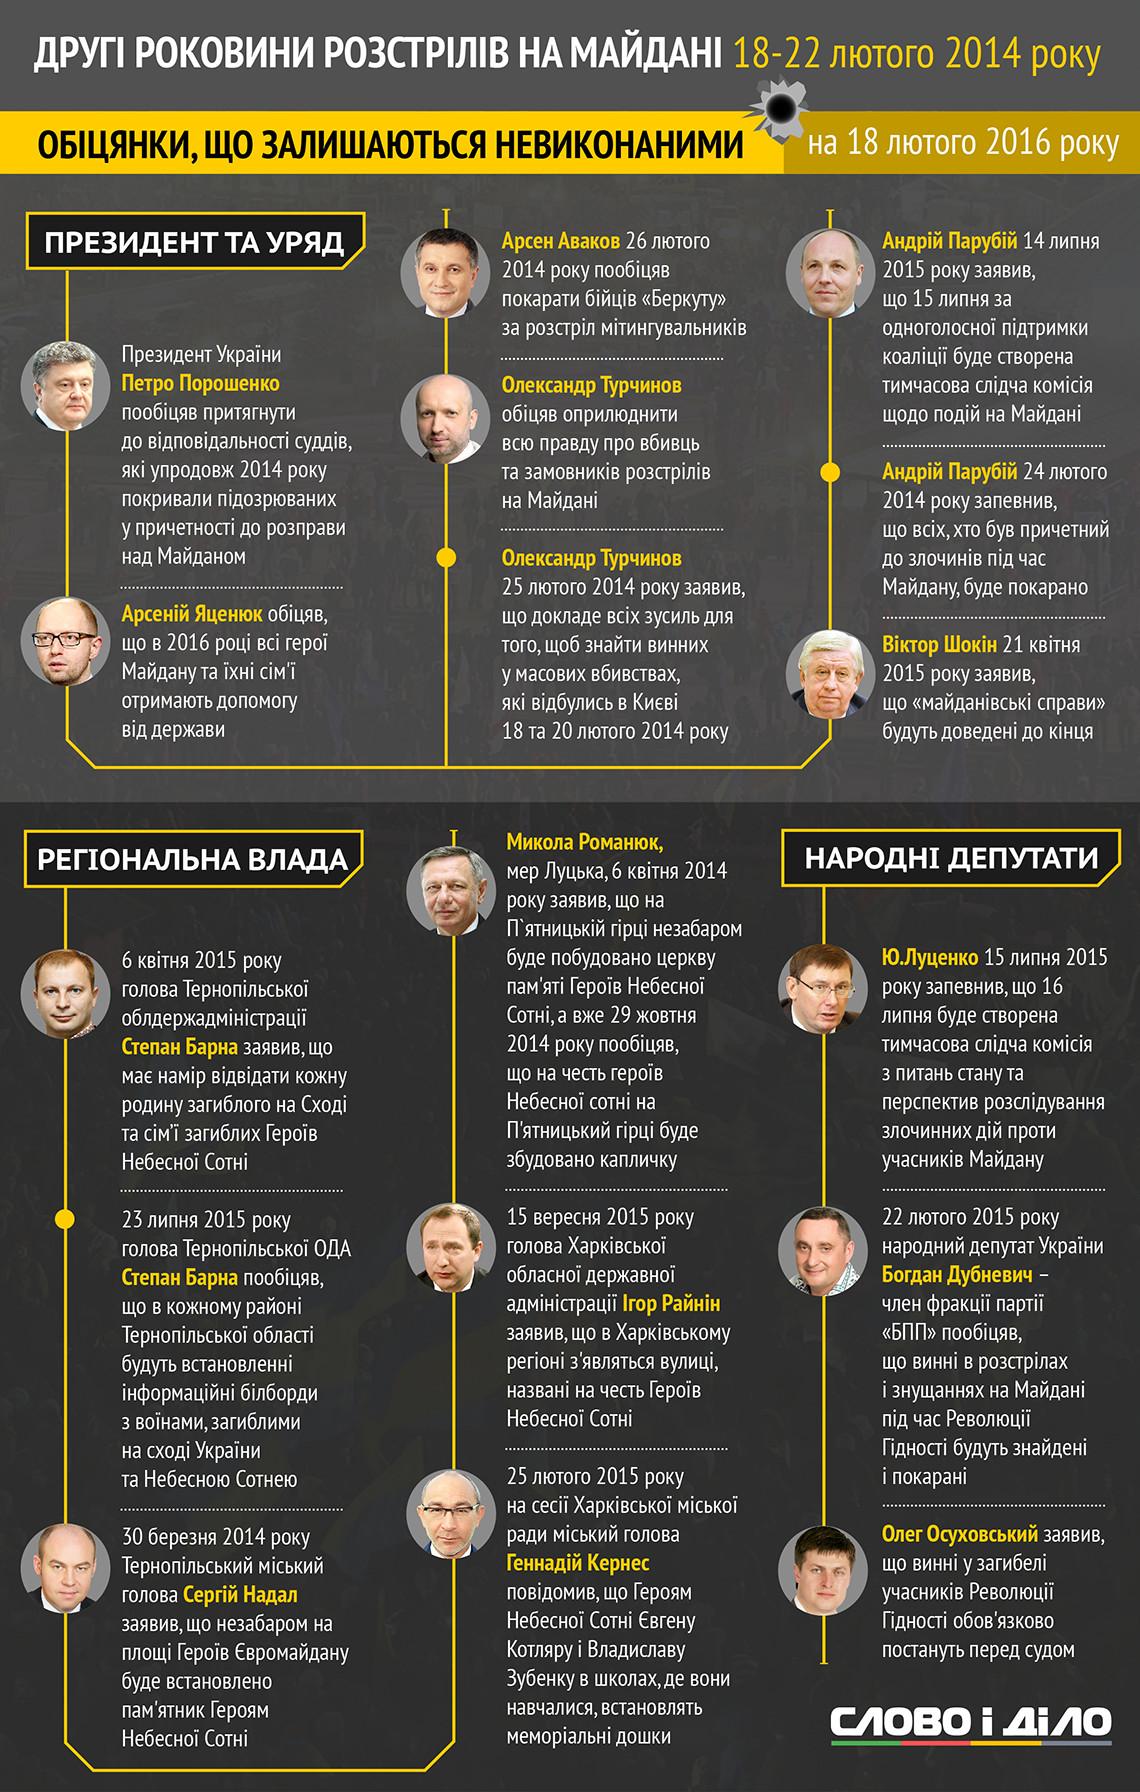 Вторая годовщина расстрелов на Майдане: обещания и факты